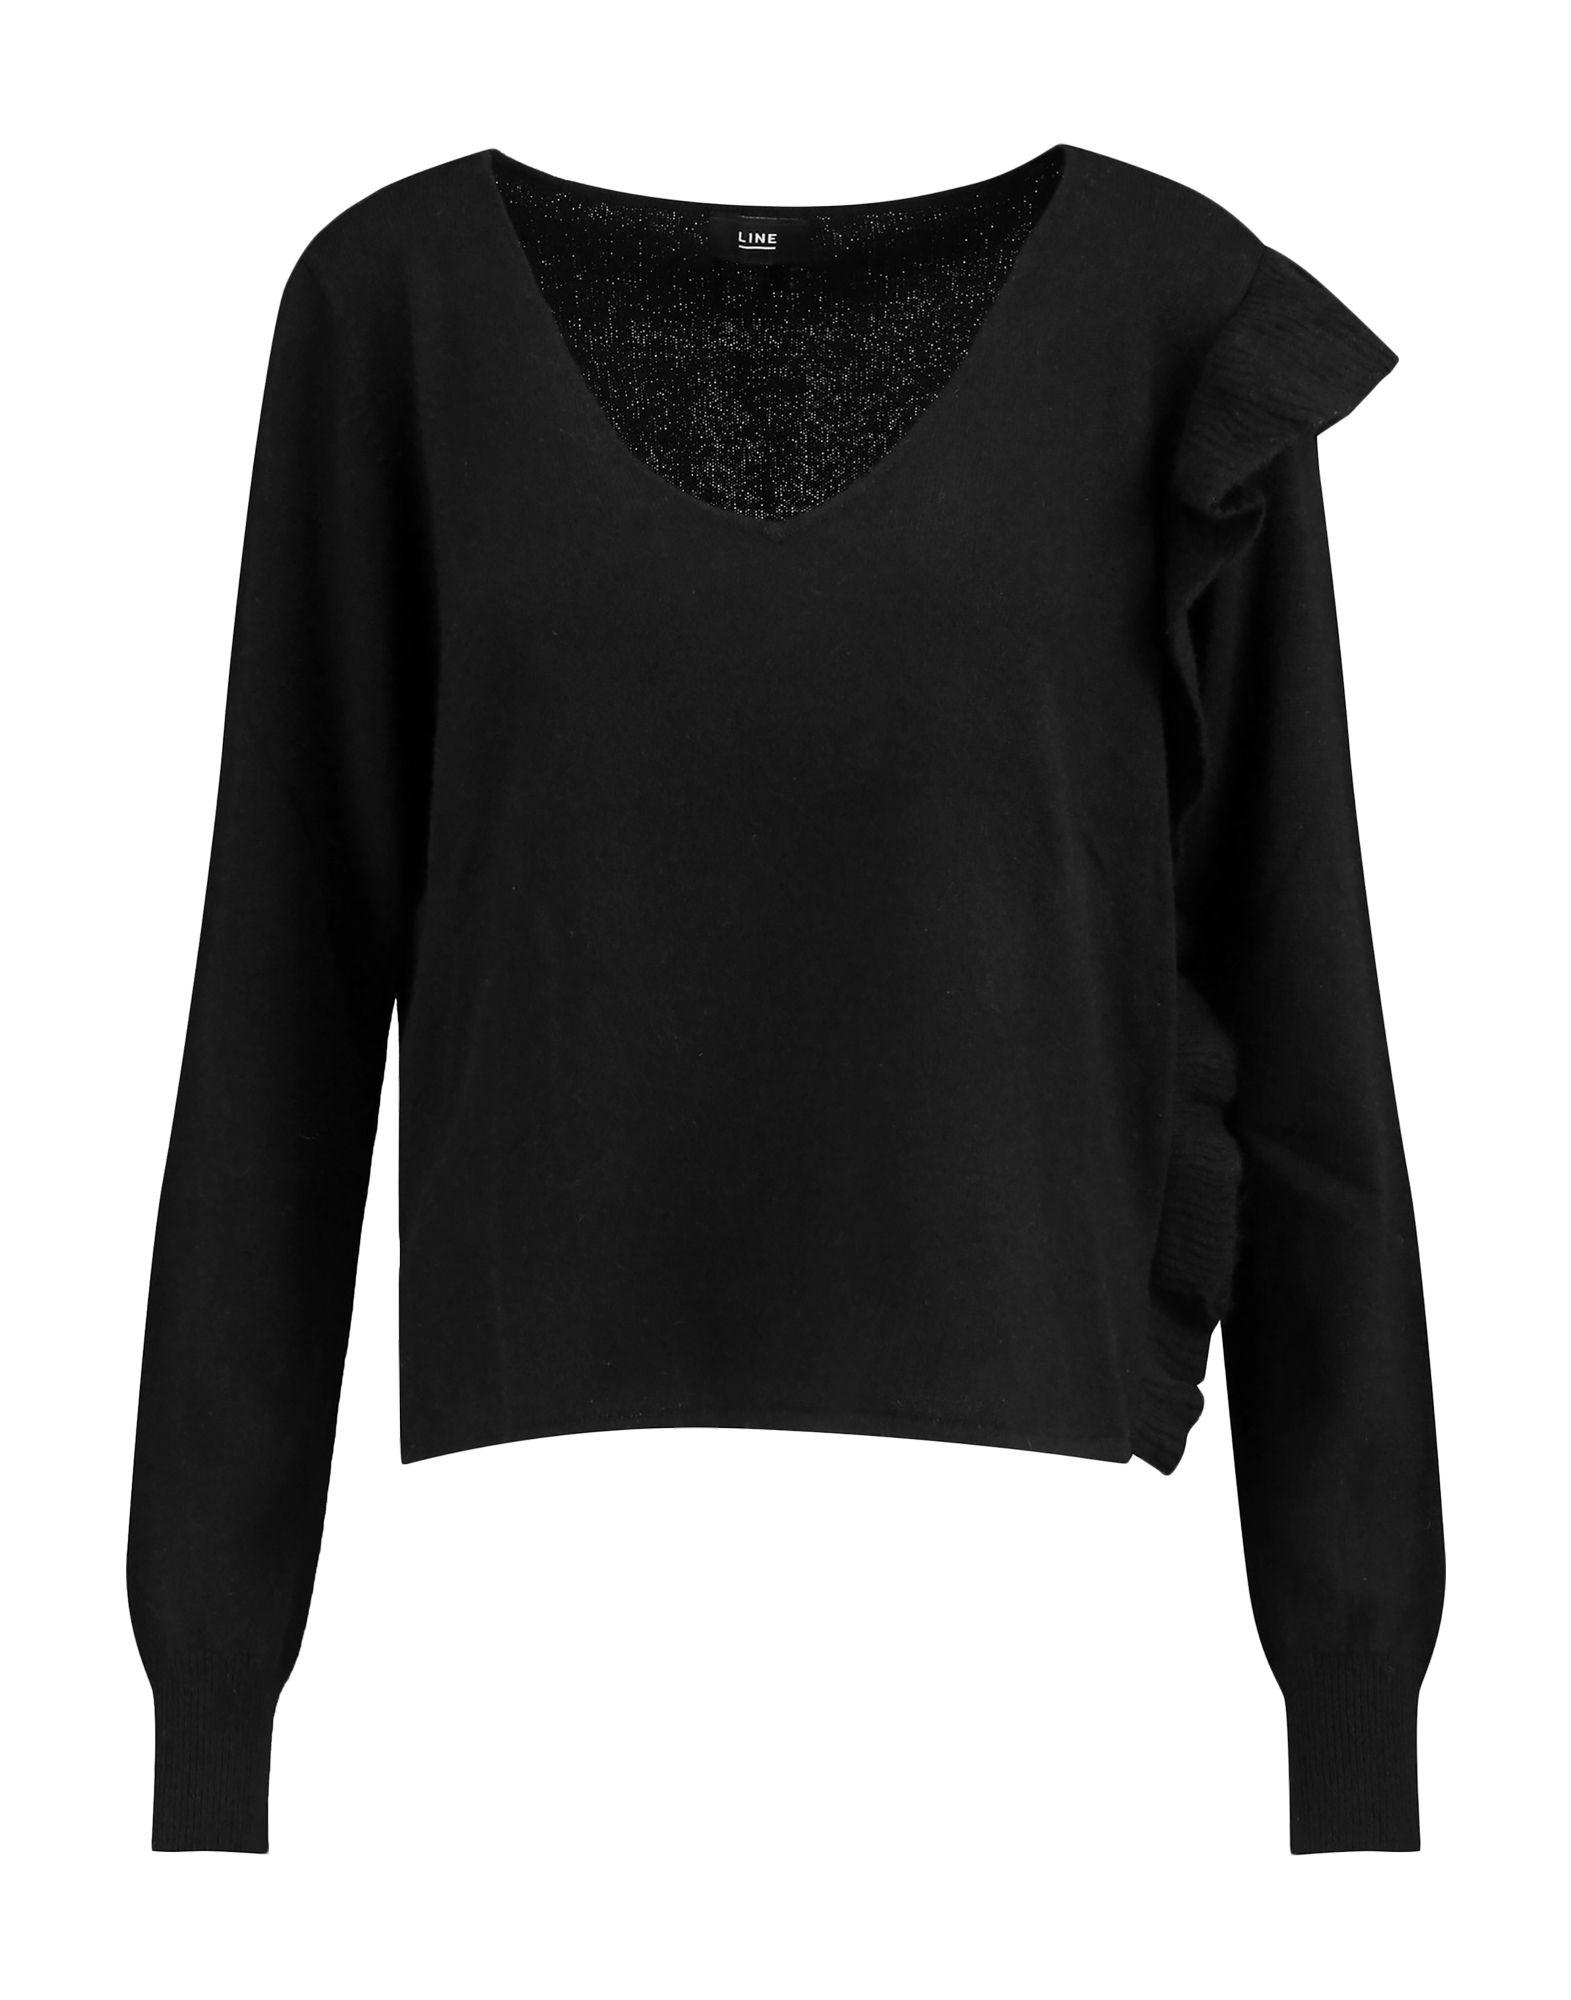 Line Cashmere Blend In Black